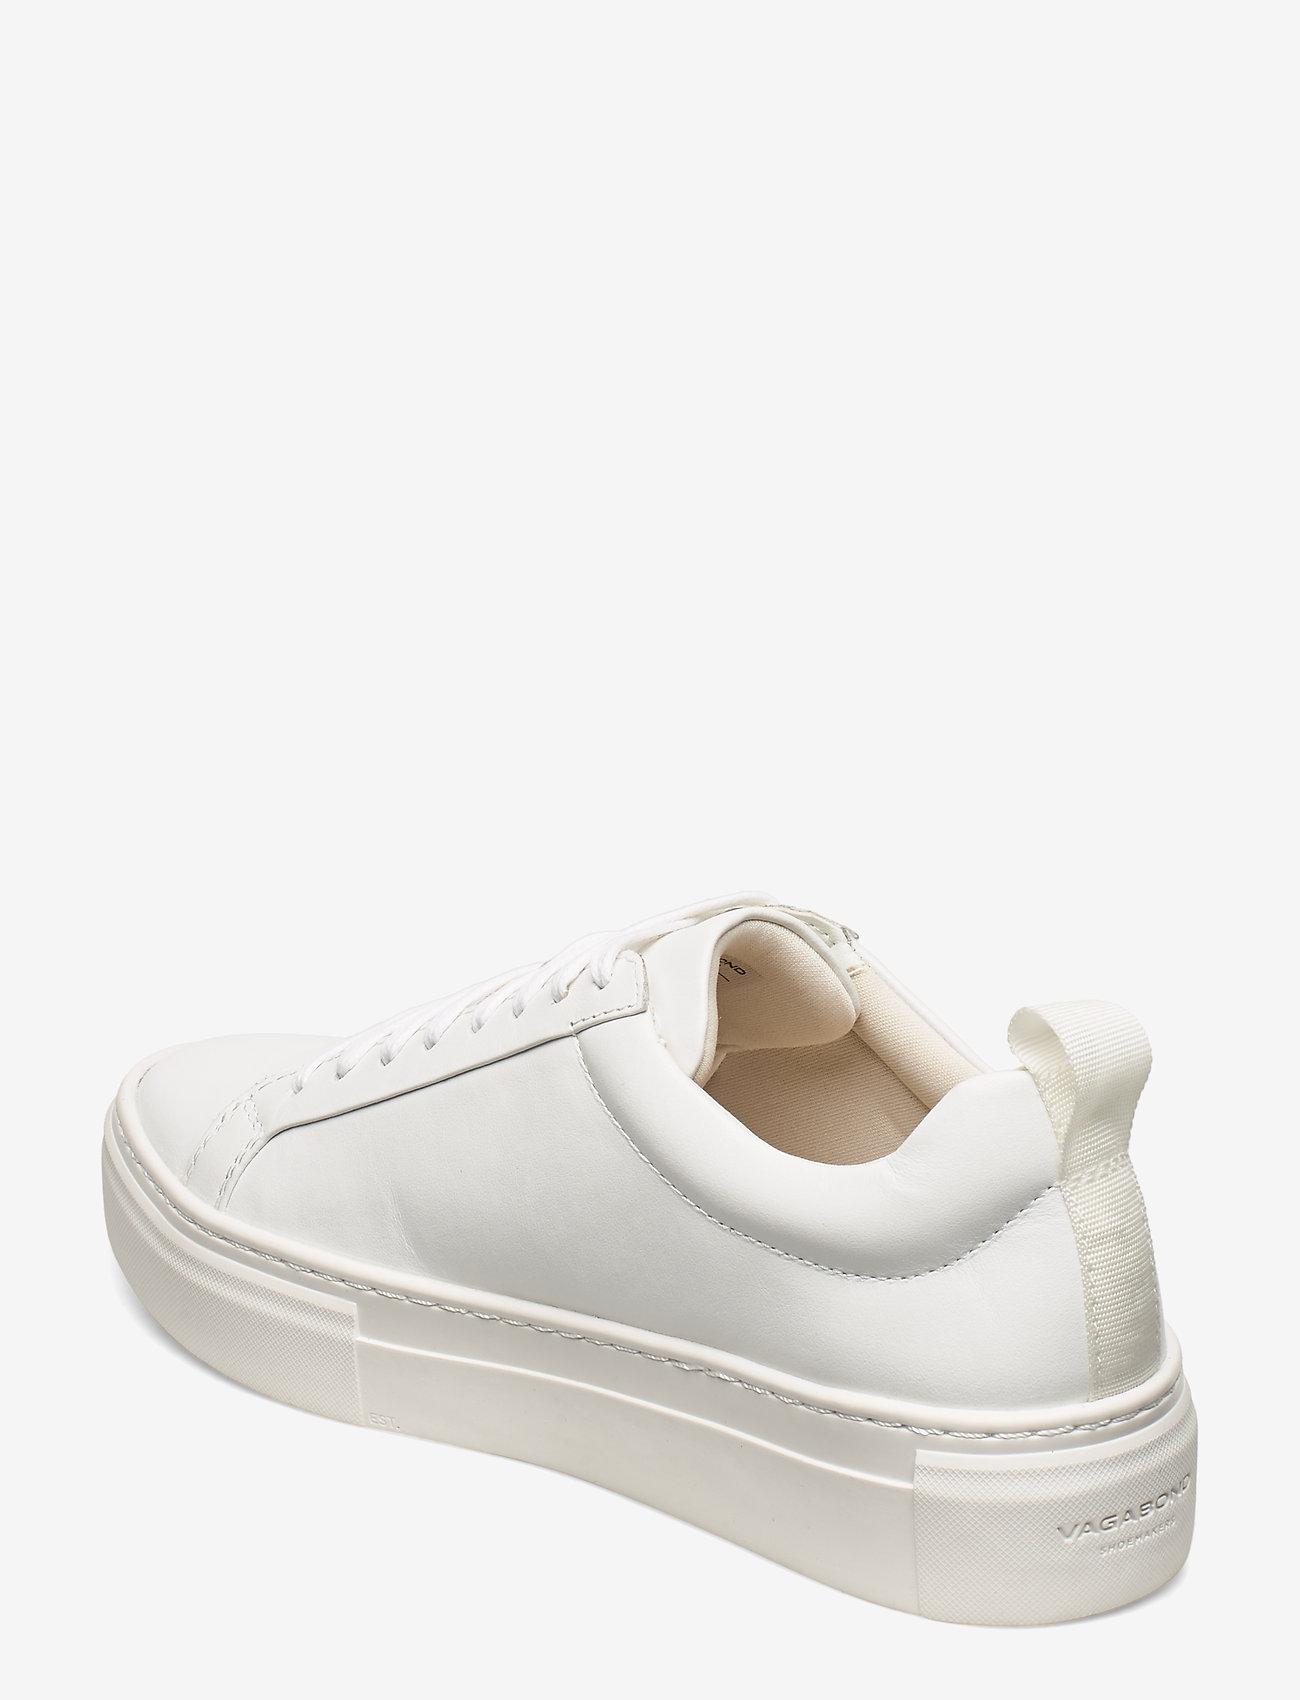 VAGABOND - ZOE PLATFORM - sneakersy niskie - white - 2